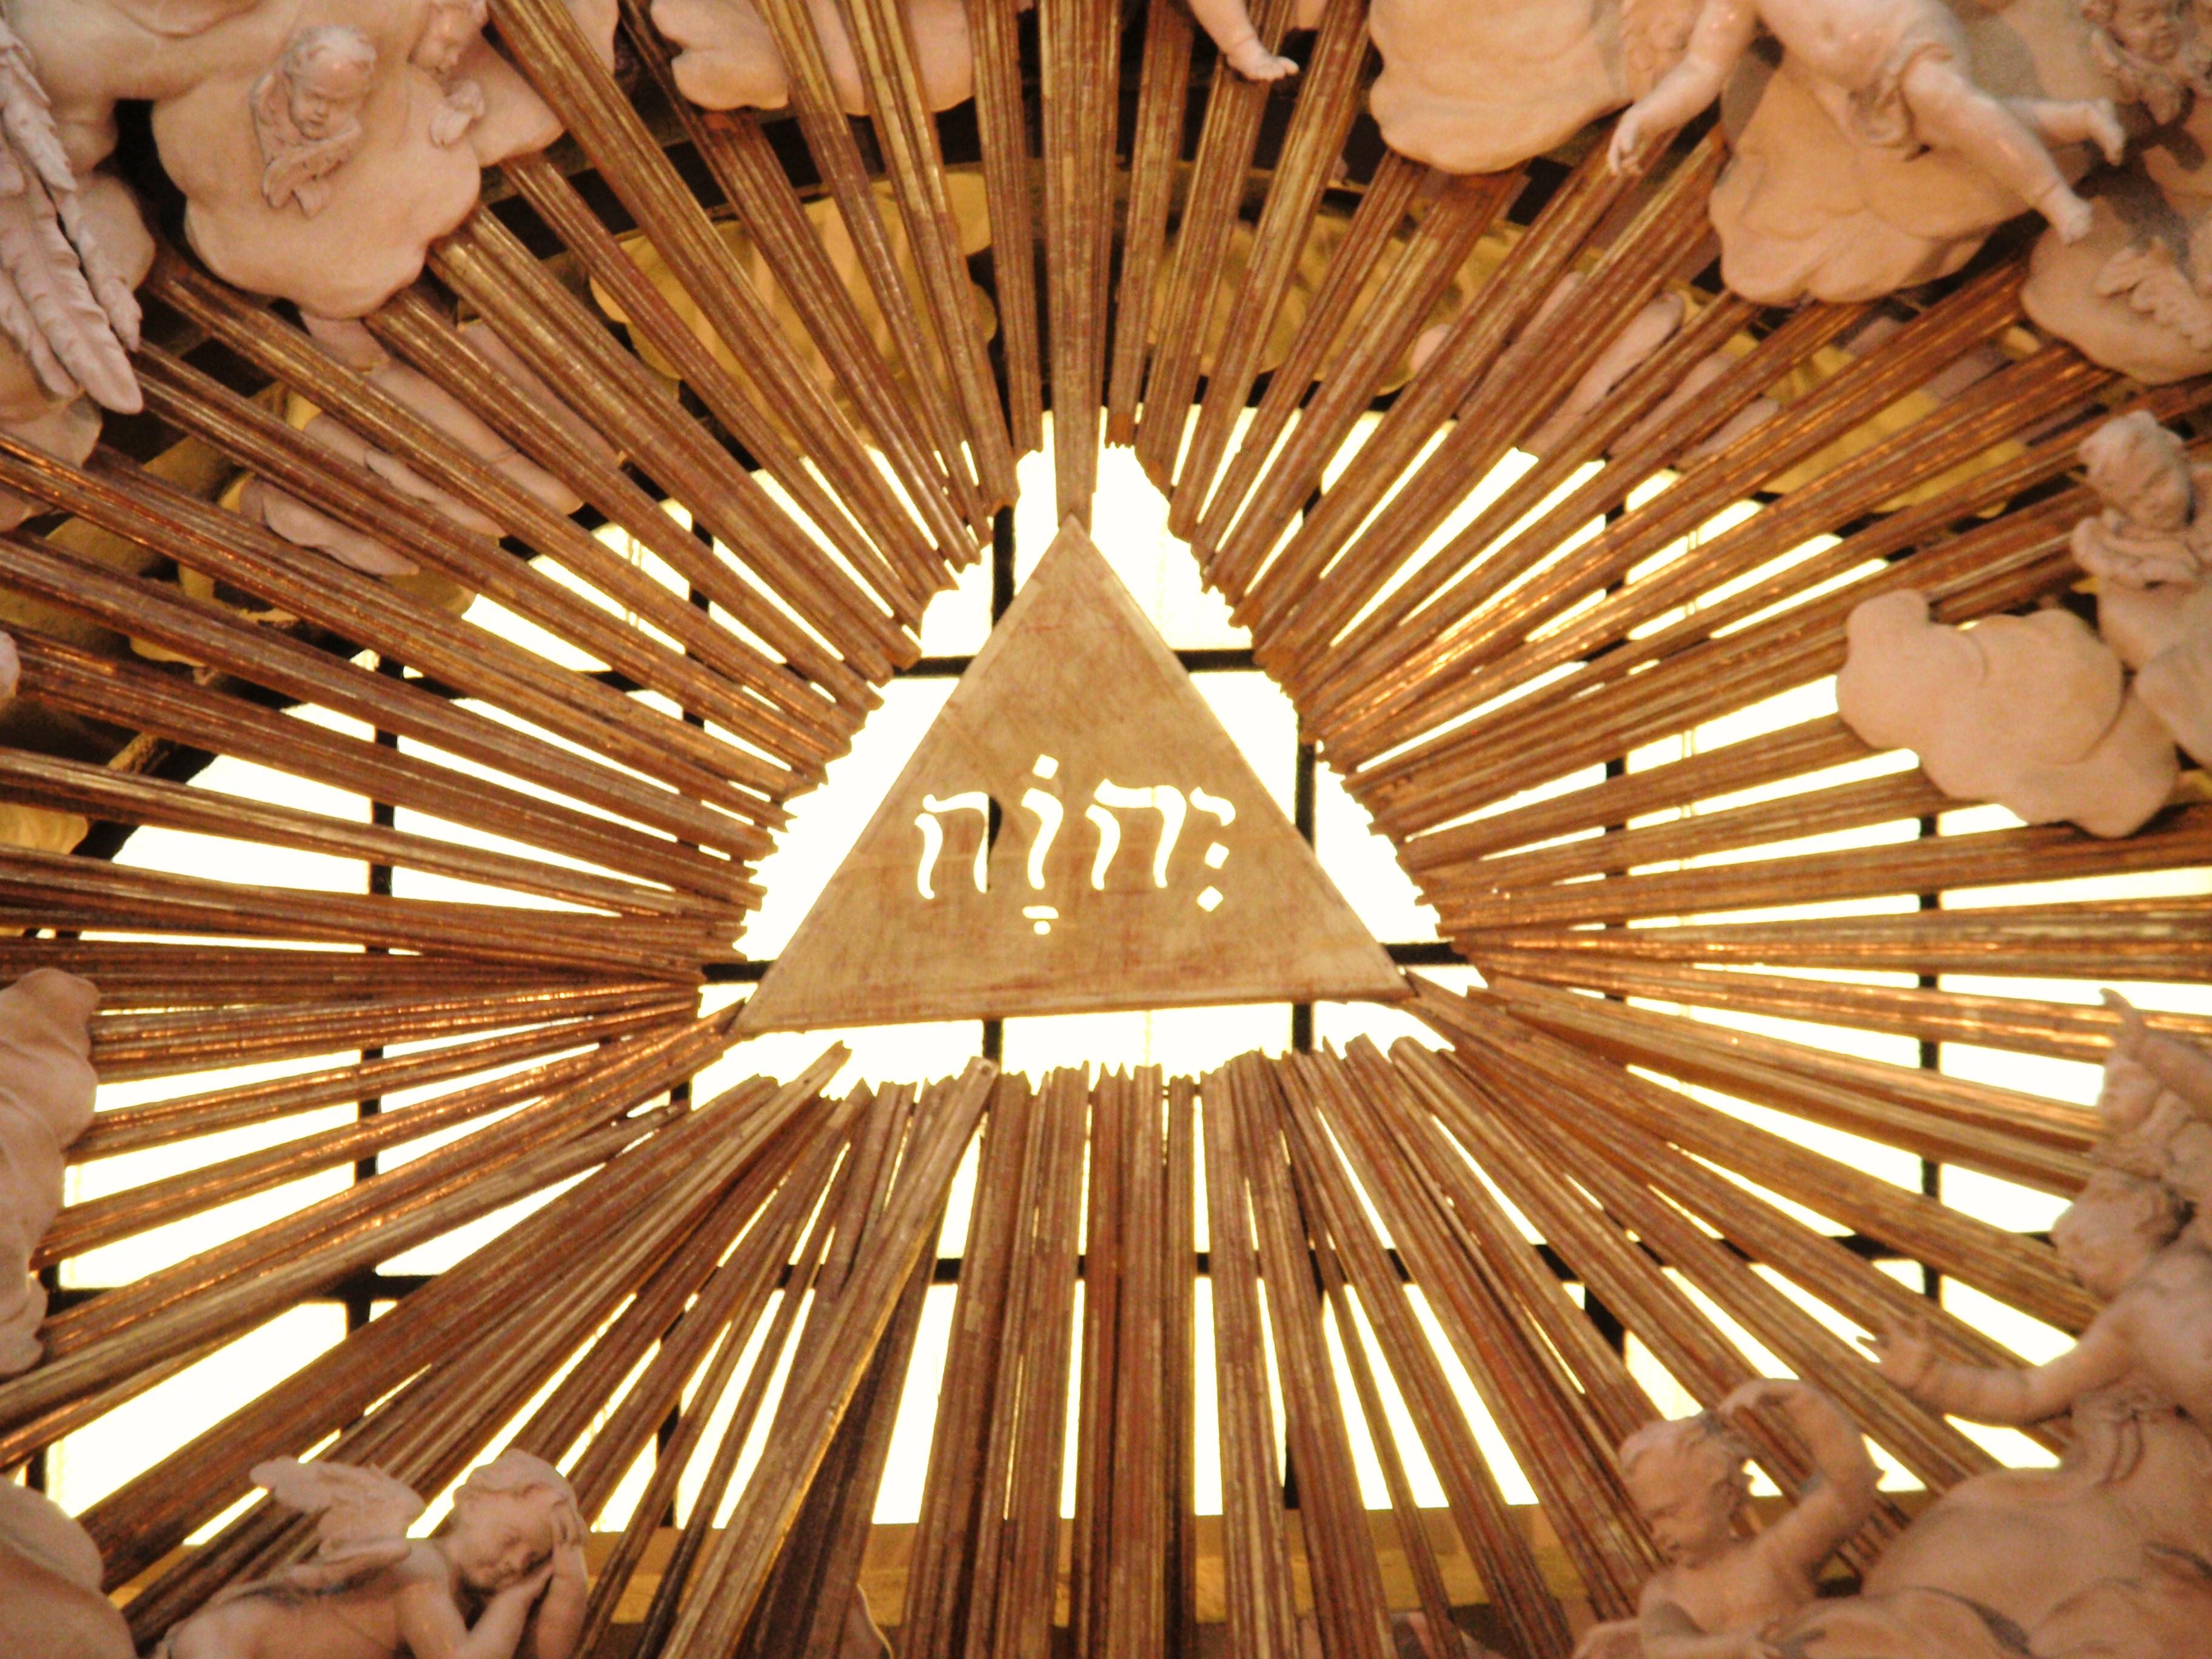 Tetragramm in der Karlskirche in Wien, Österreich. (Quelle: Wikimedia Commons, public domain)